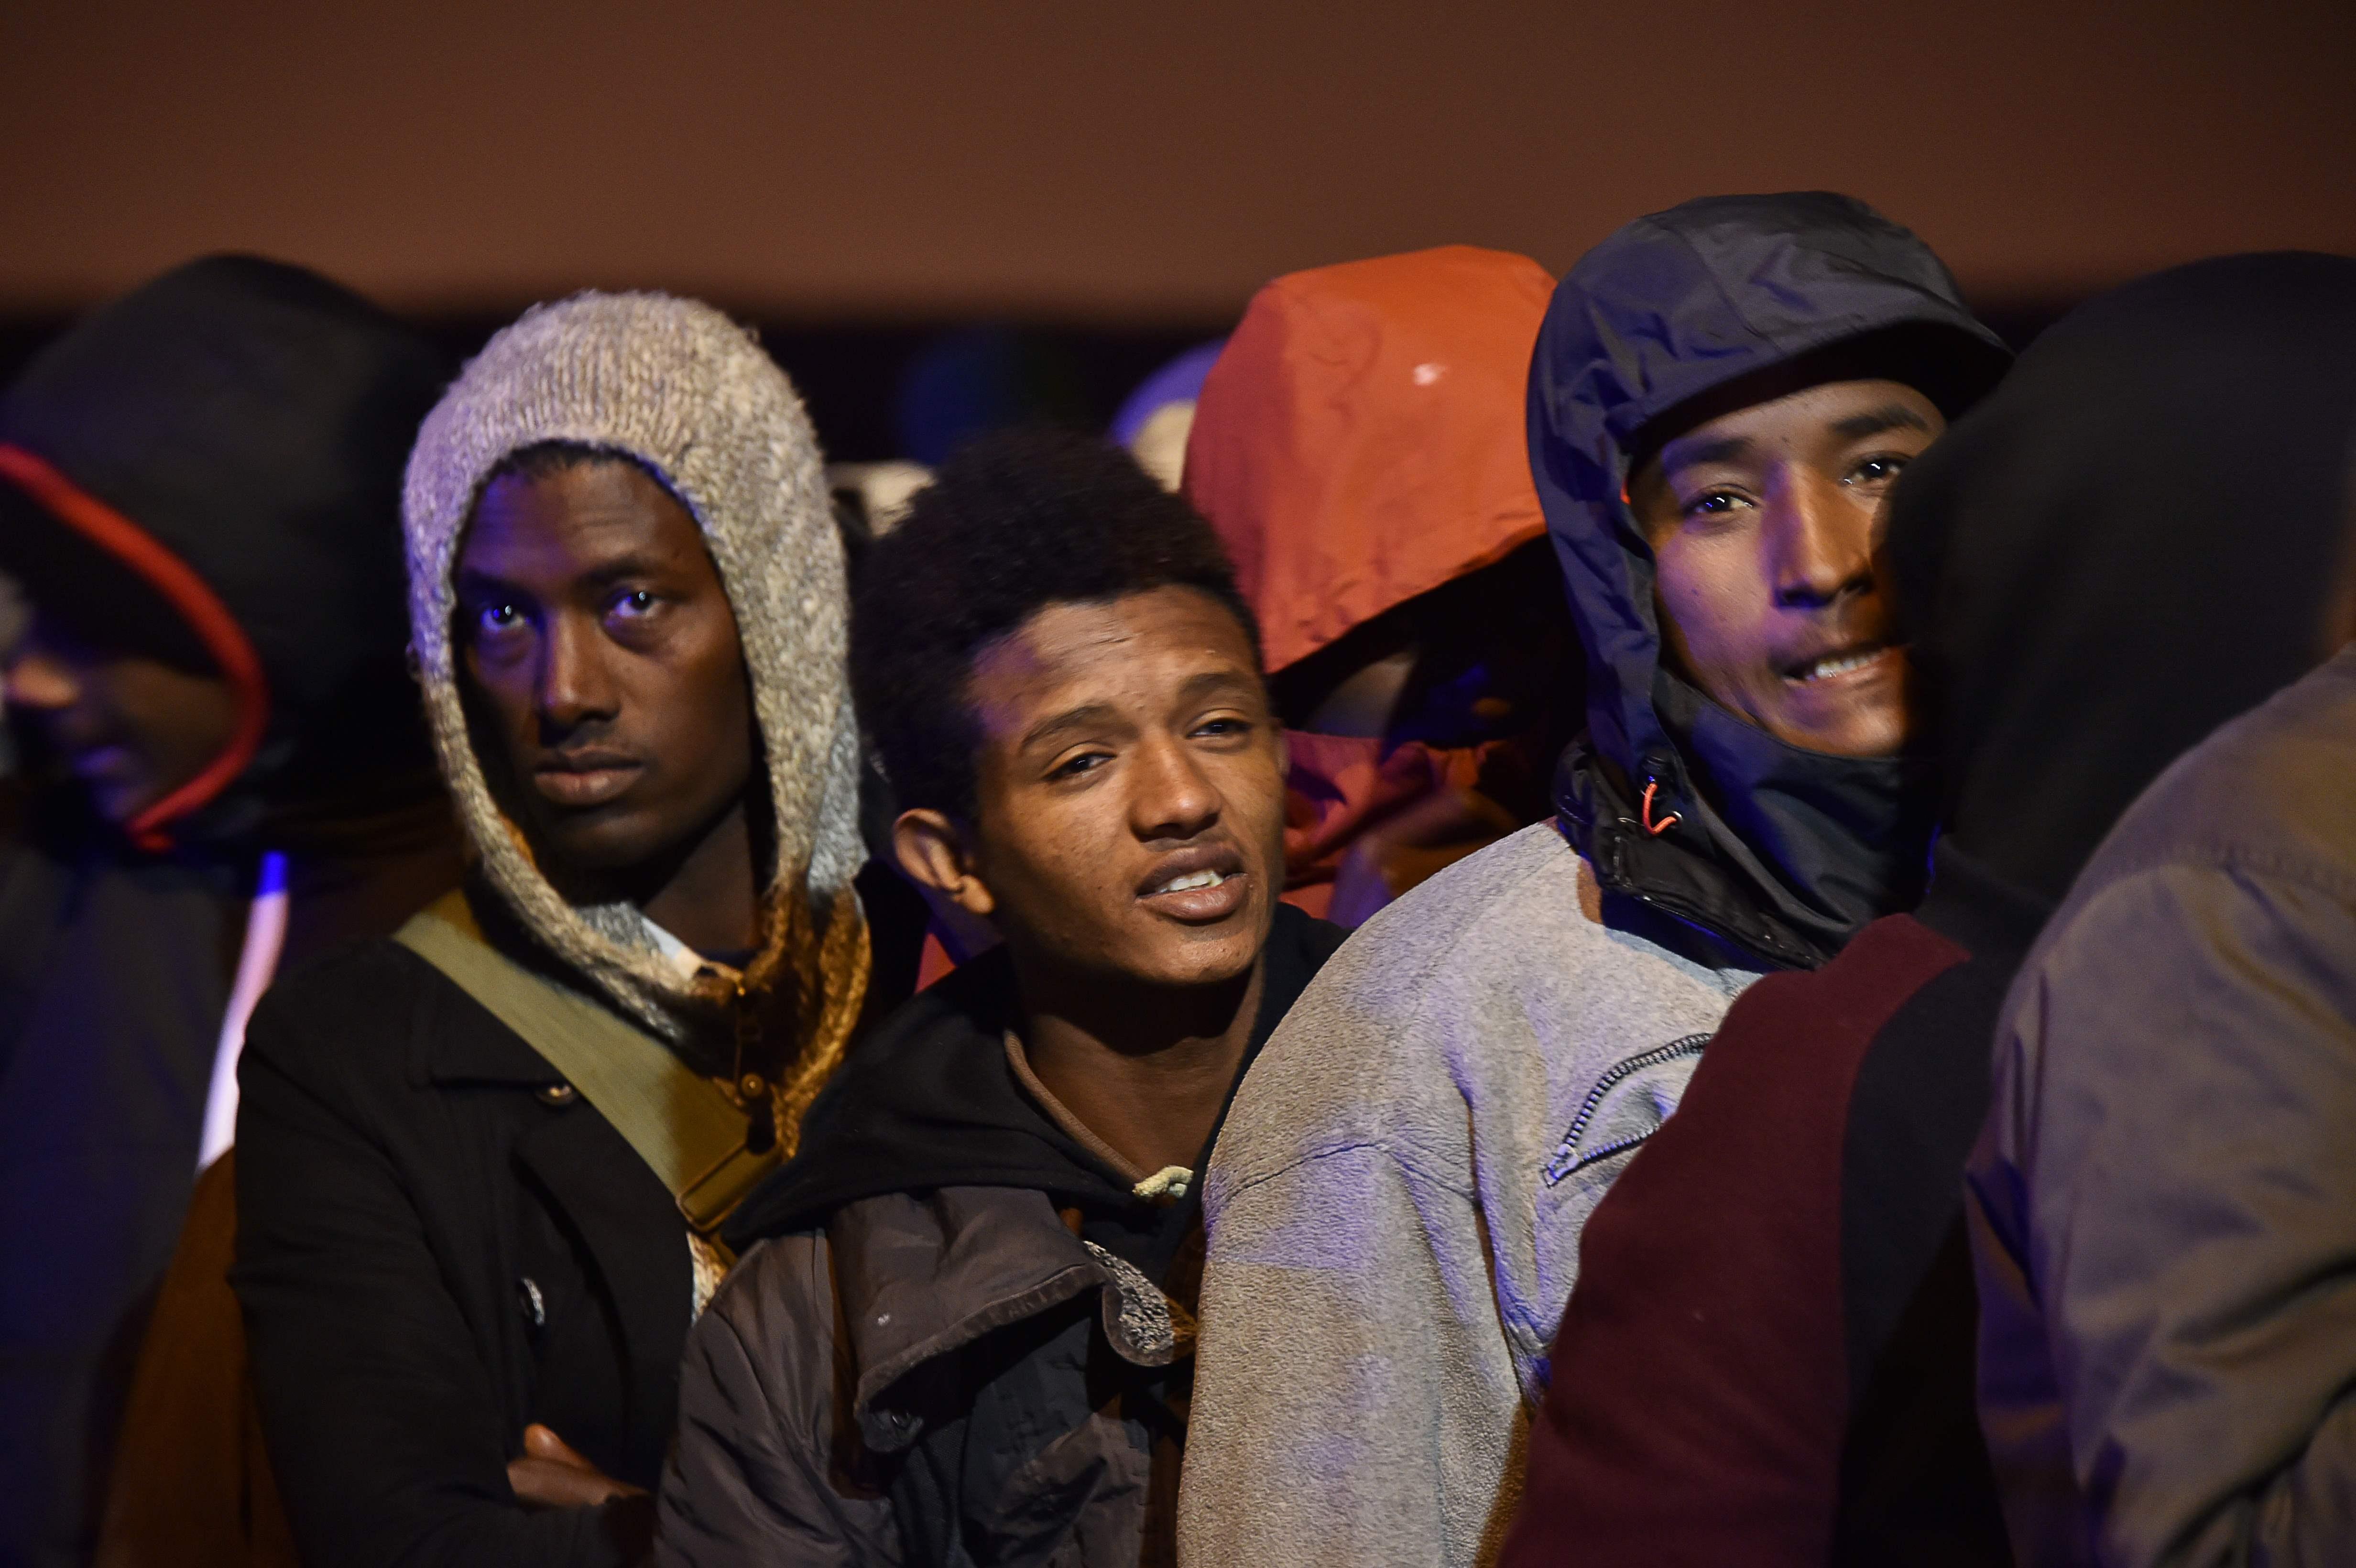 Migranti ar savām personiskajām mantām sākuši pulcēties pie noliktavas, kas kalpo par centrālo punktu nometnes evakuācijas operācijā.